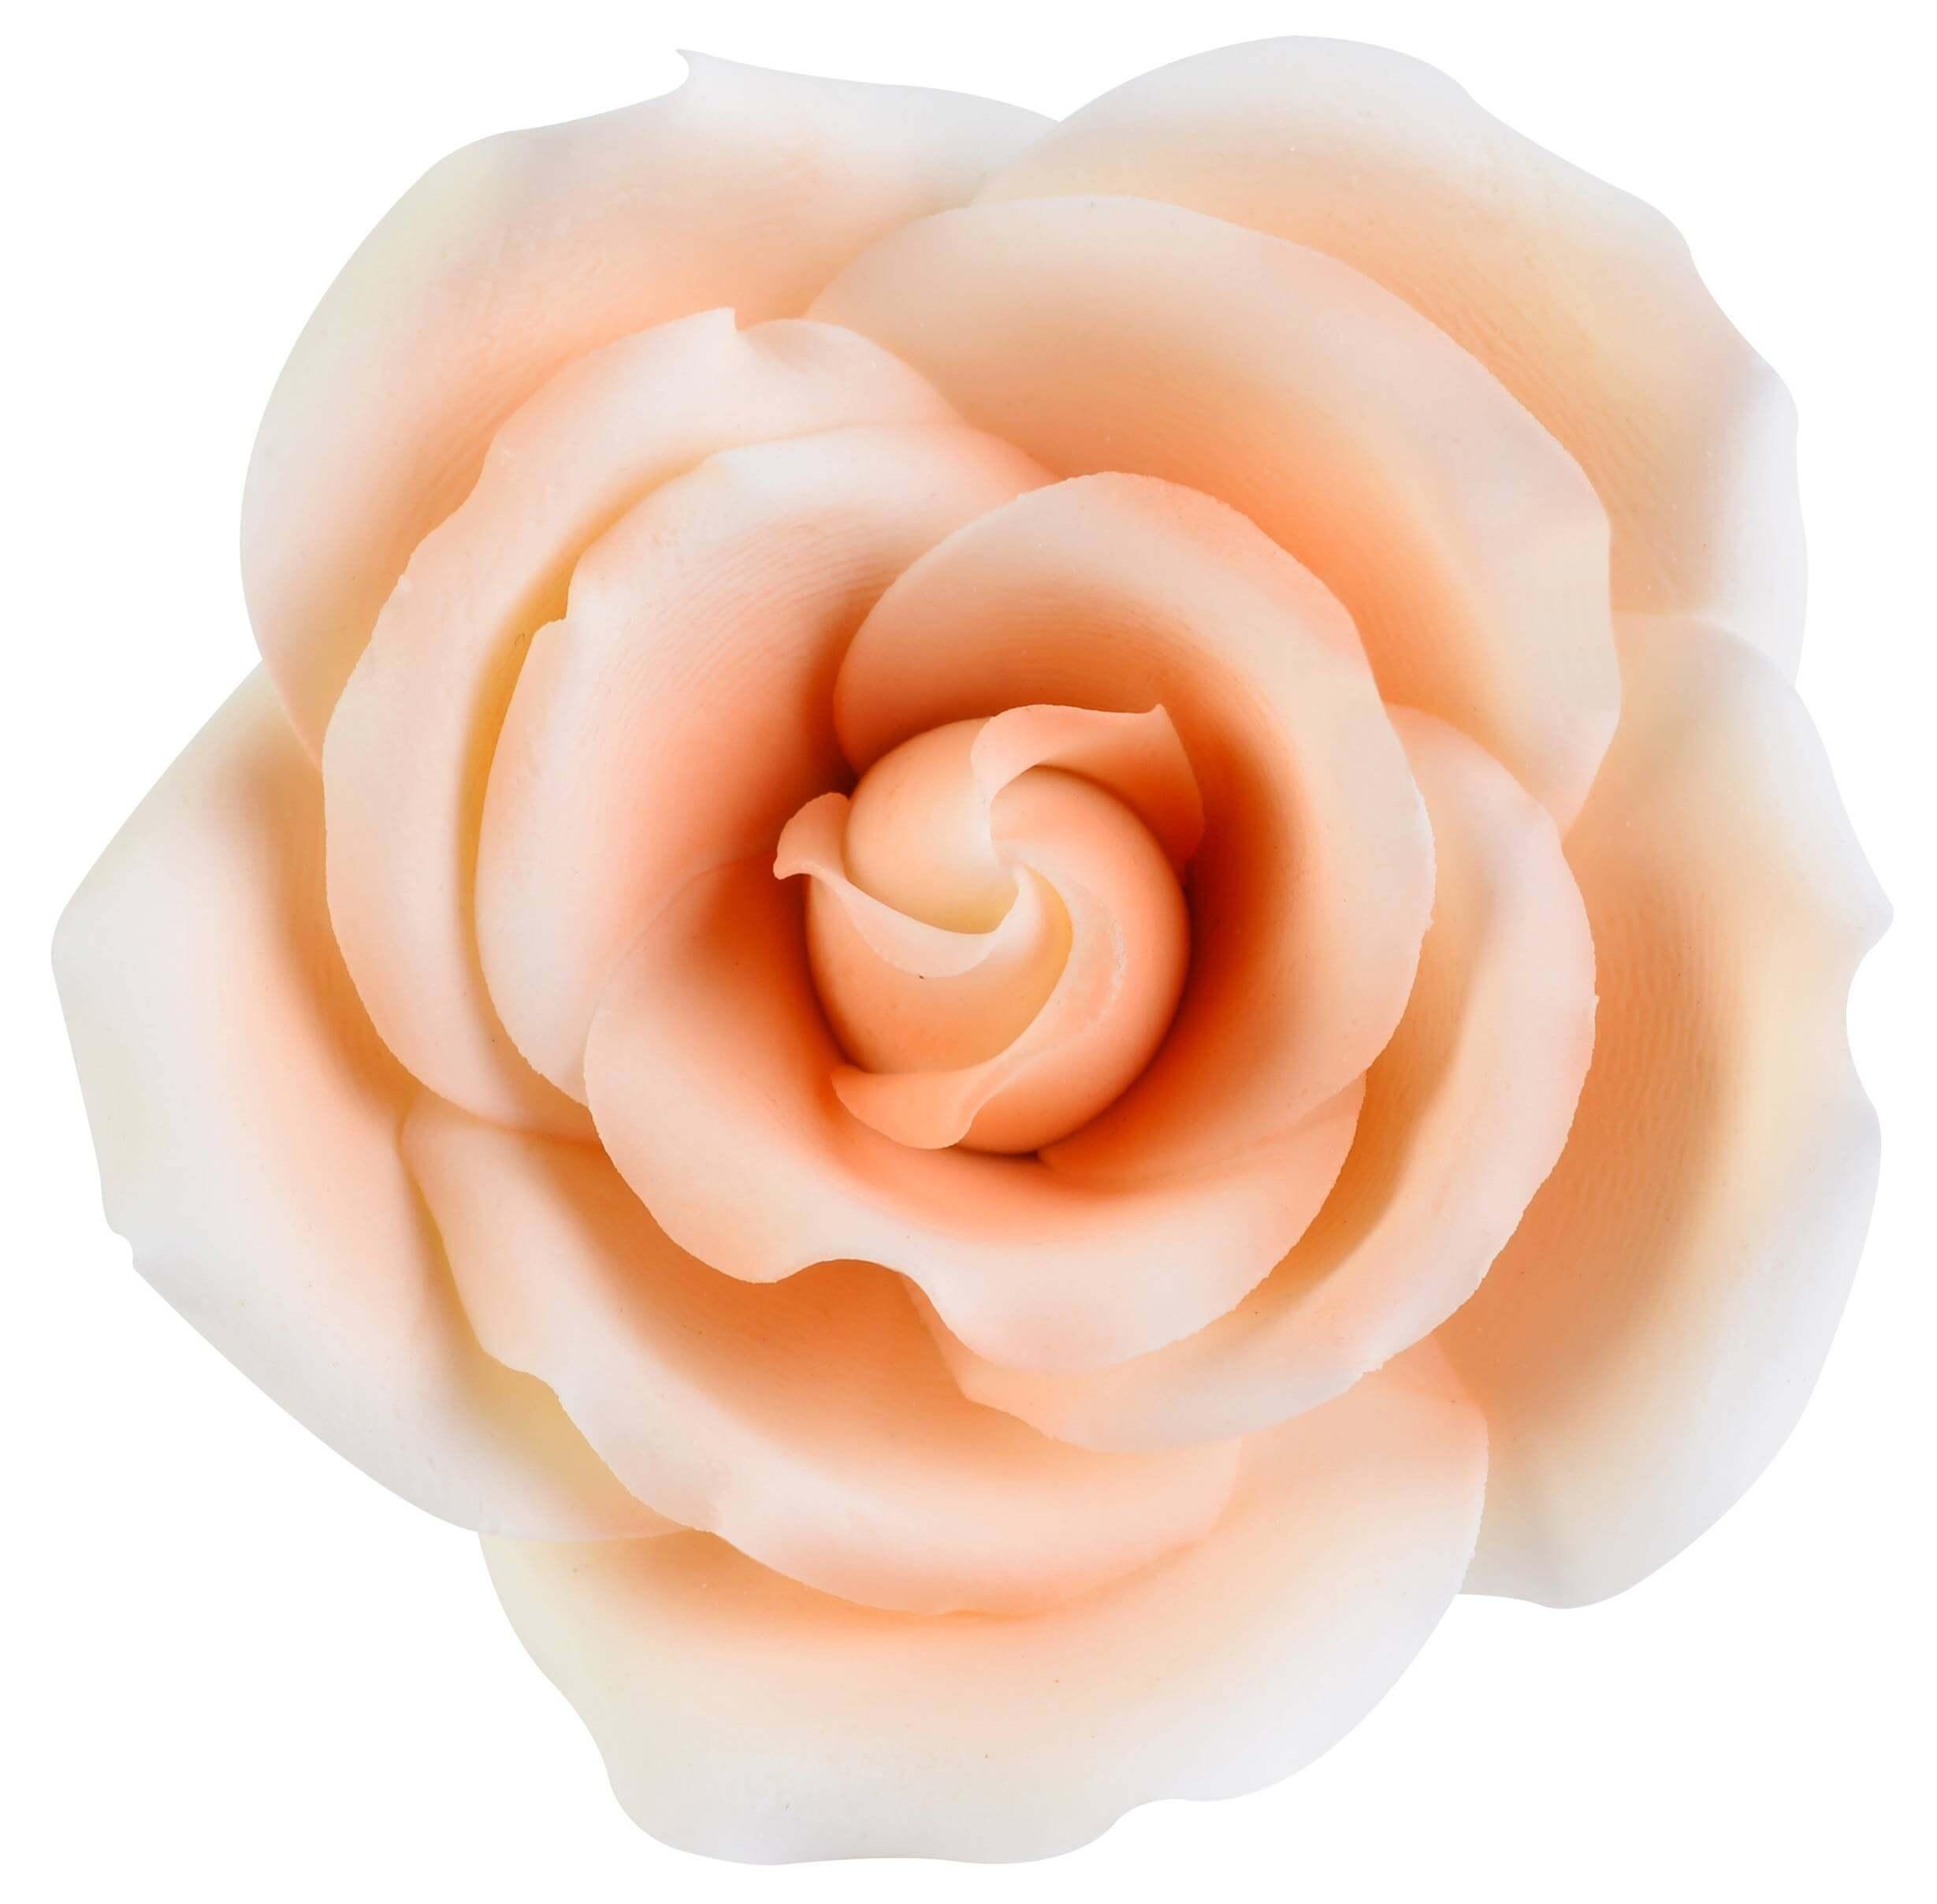 Fil De Peche Rose fleur rose pêche dégradé 5,5 cm - planete gateau - cake design